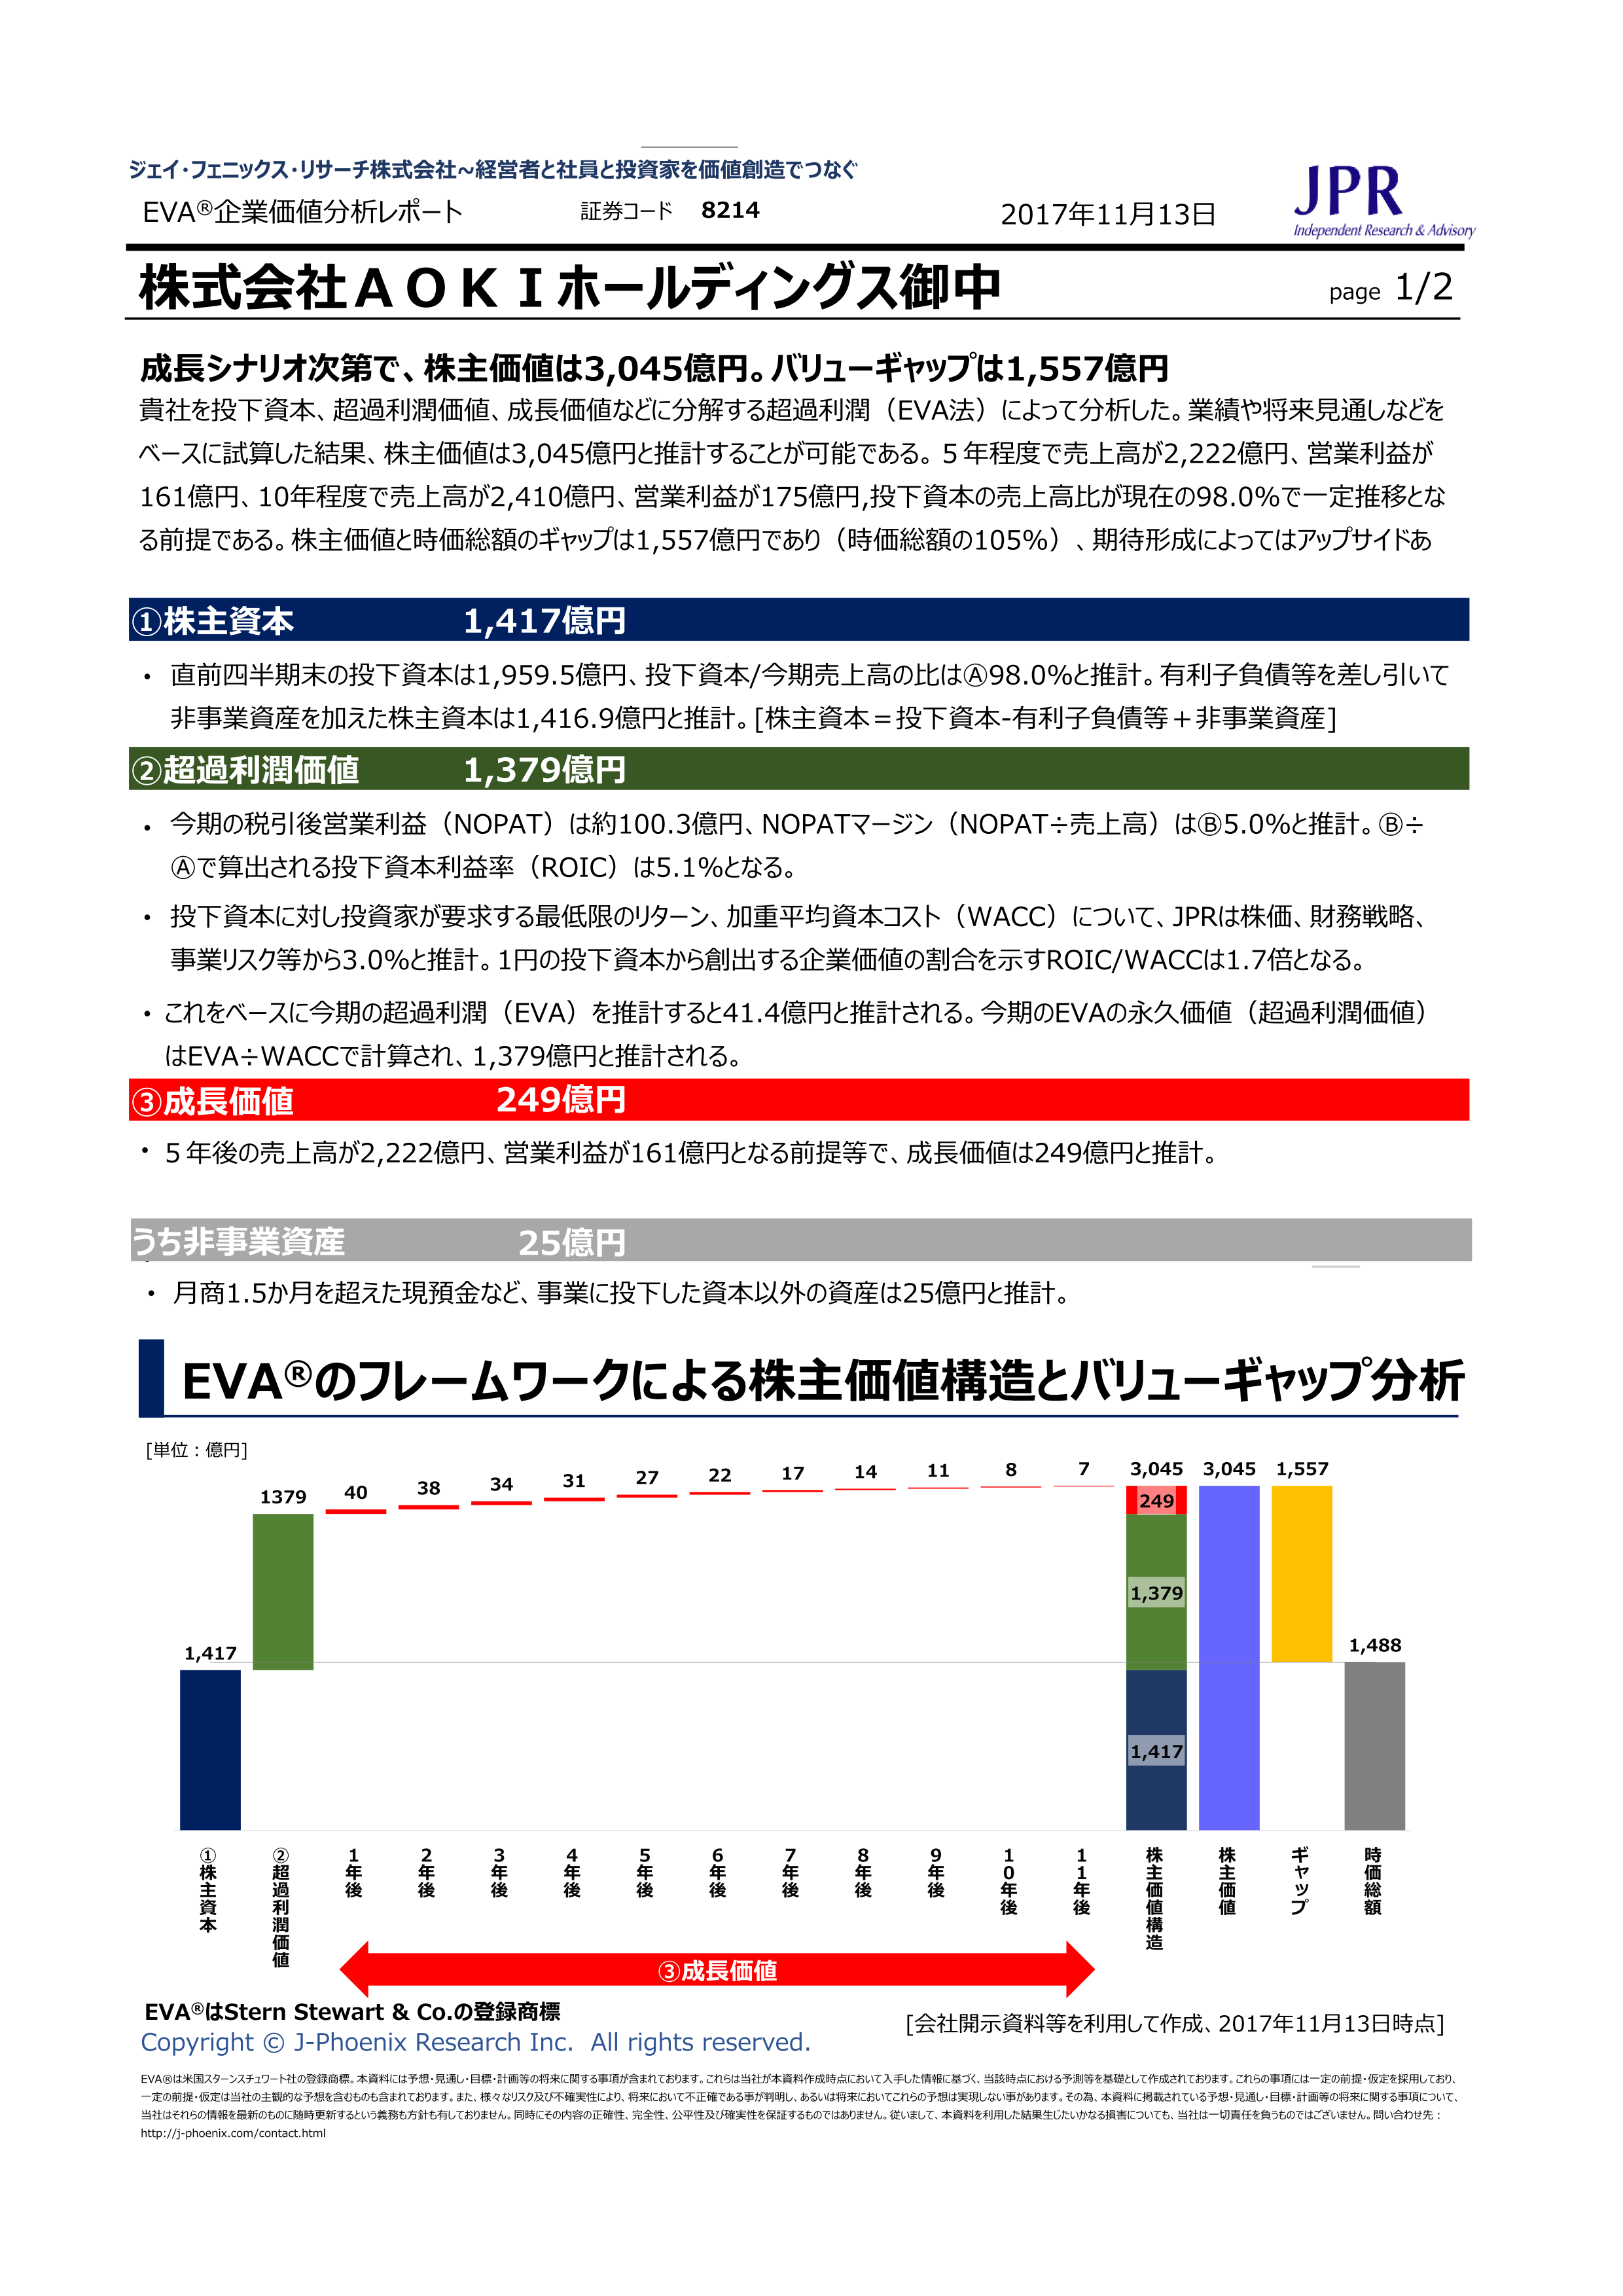 株価 aoki